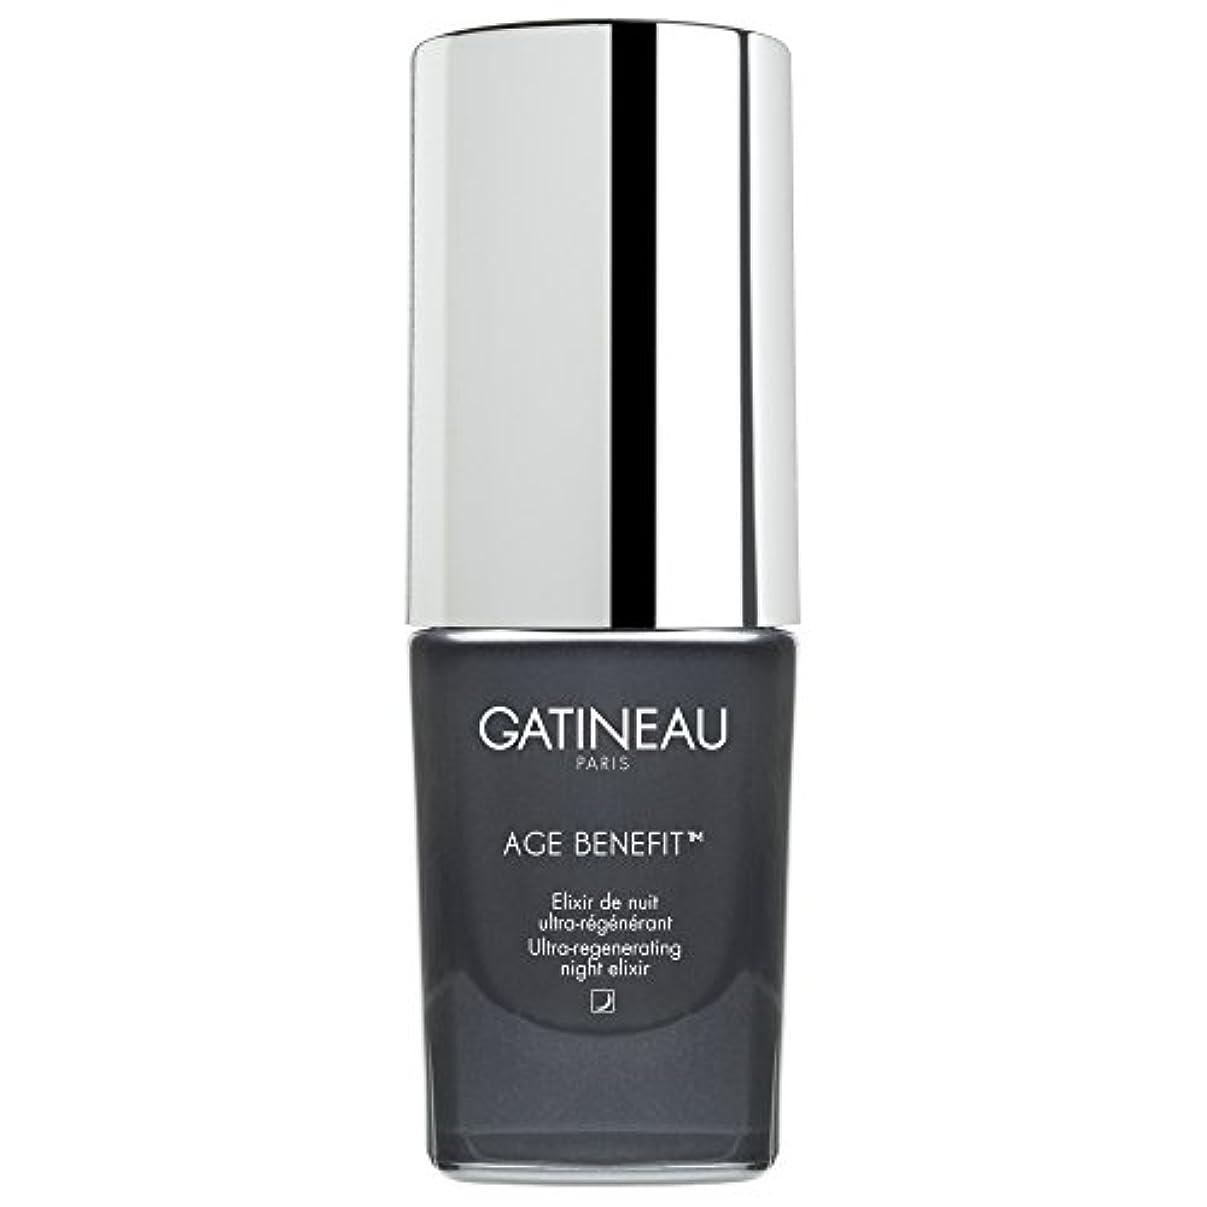 ファーザーファージュ優れた事実上ガティノー年齢給付超再生夜のエリクシルの15ミリリットル (Gatineau) - Gatineau Age Benefit Ultra-Regenerating Night Elixir 15ml [並行輸入品]